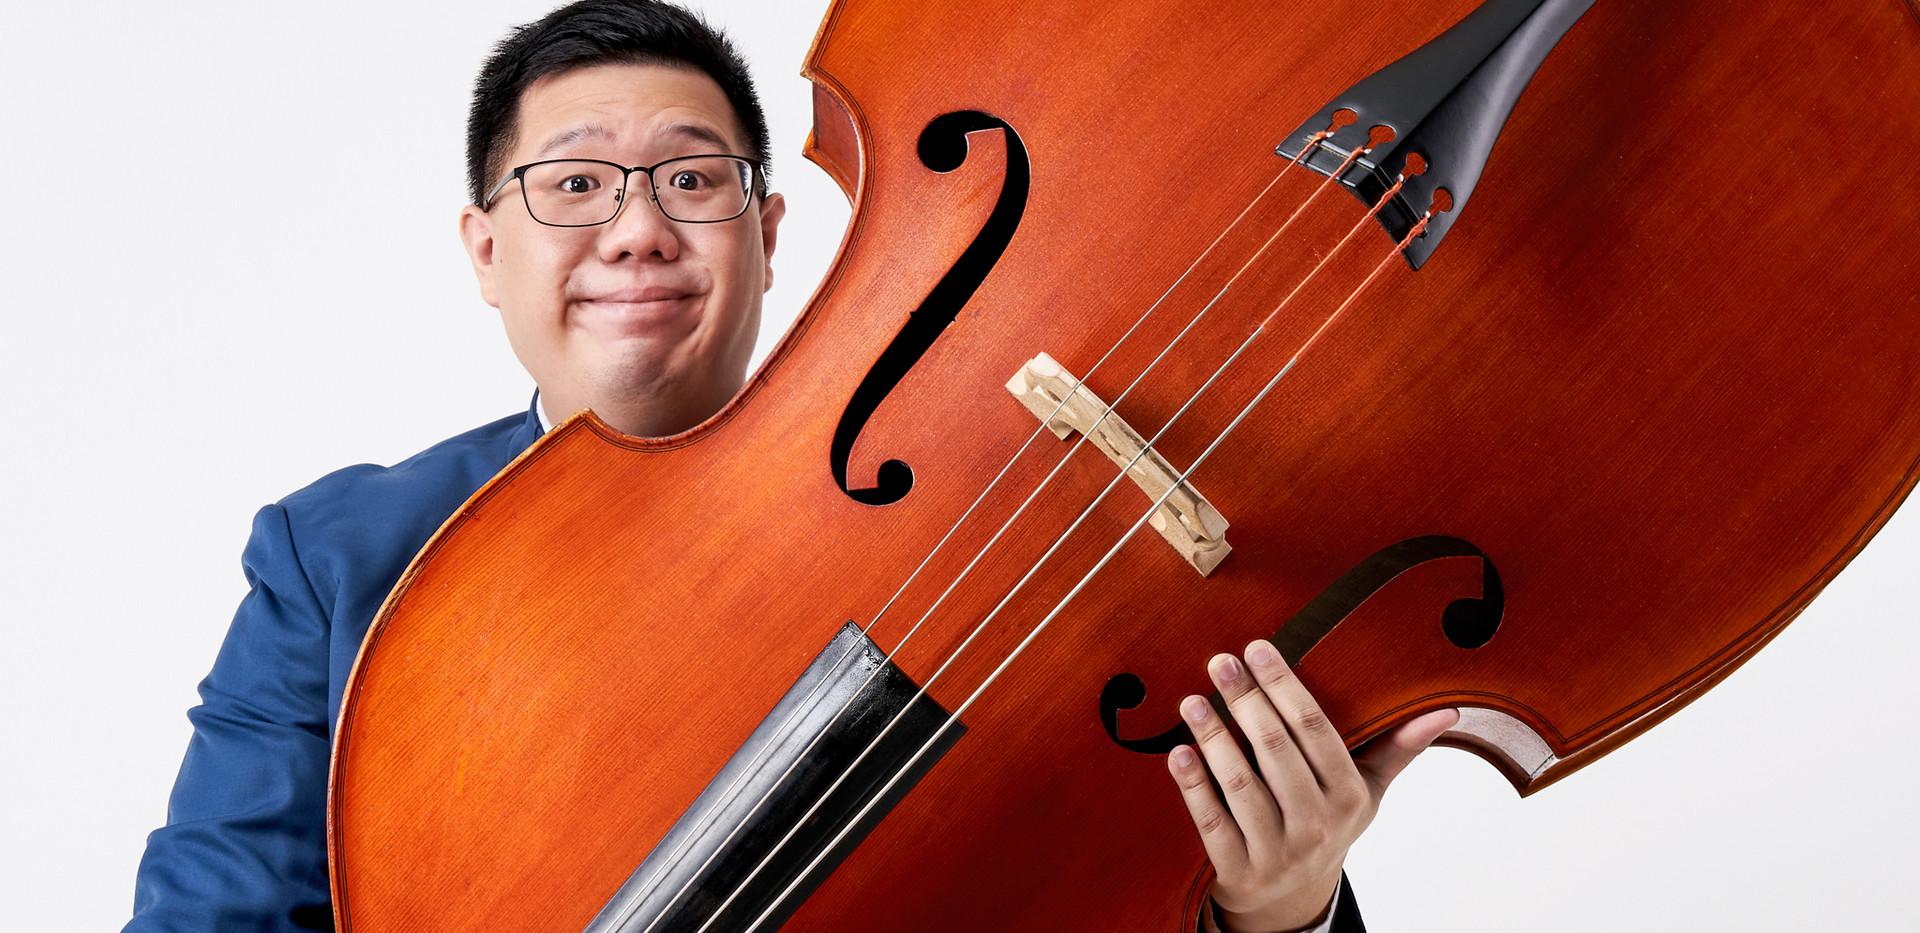 Musician10-2048.jpg